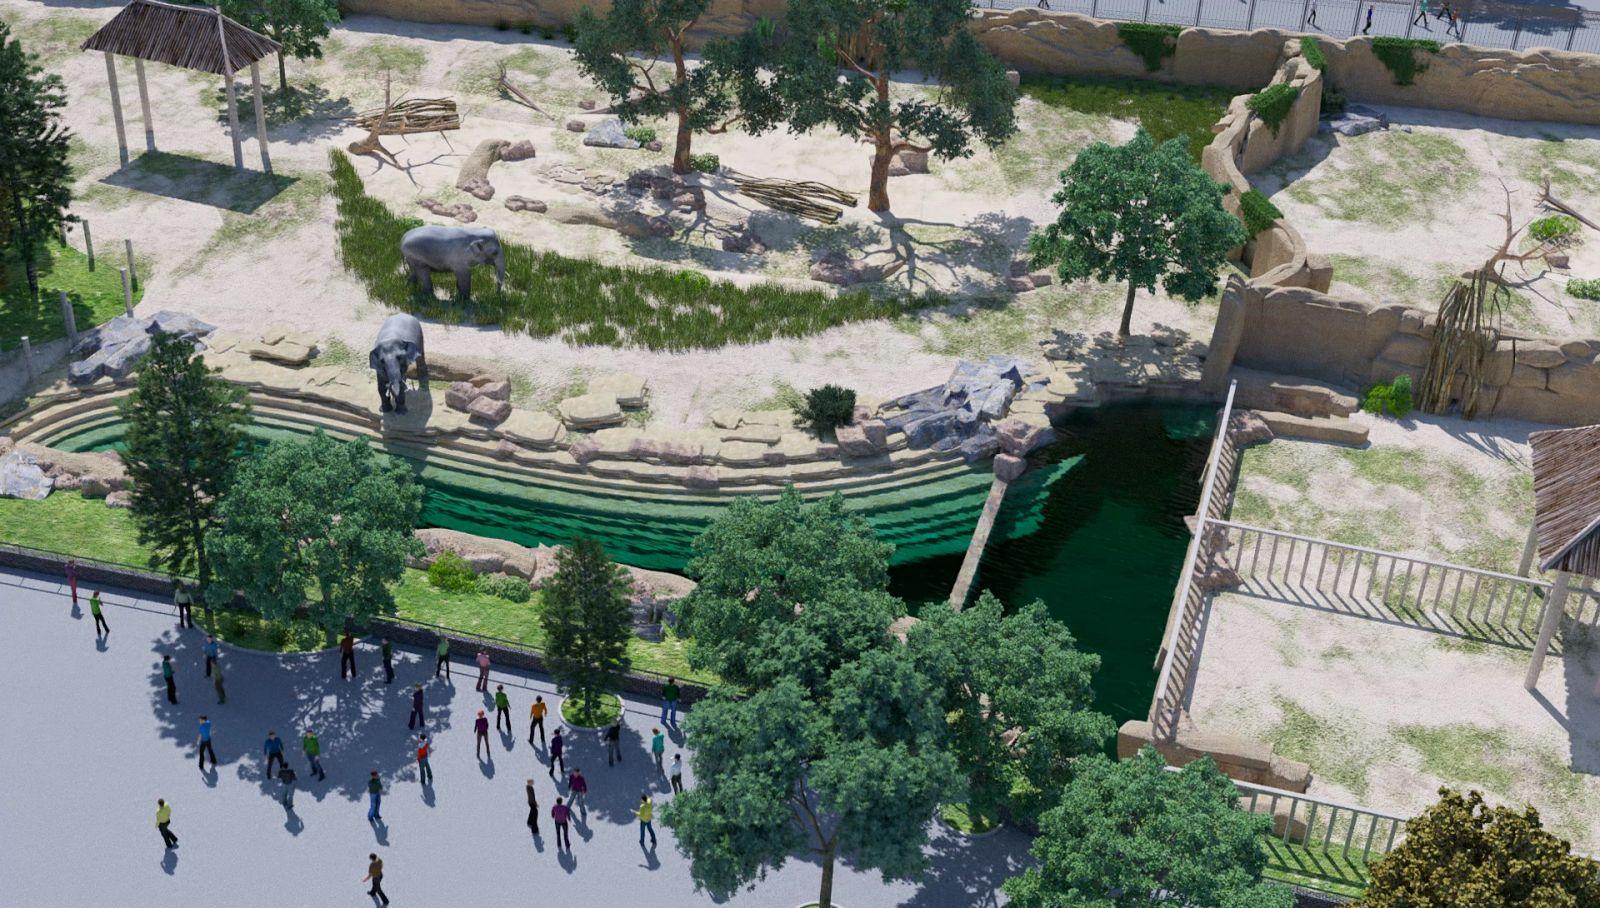 У Харьковского зоопарка – новая идеология планирования территории